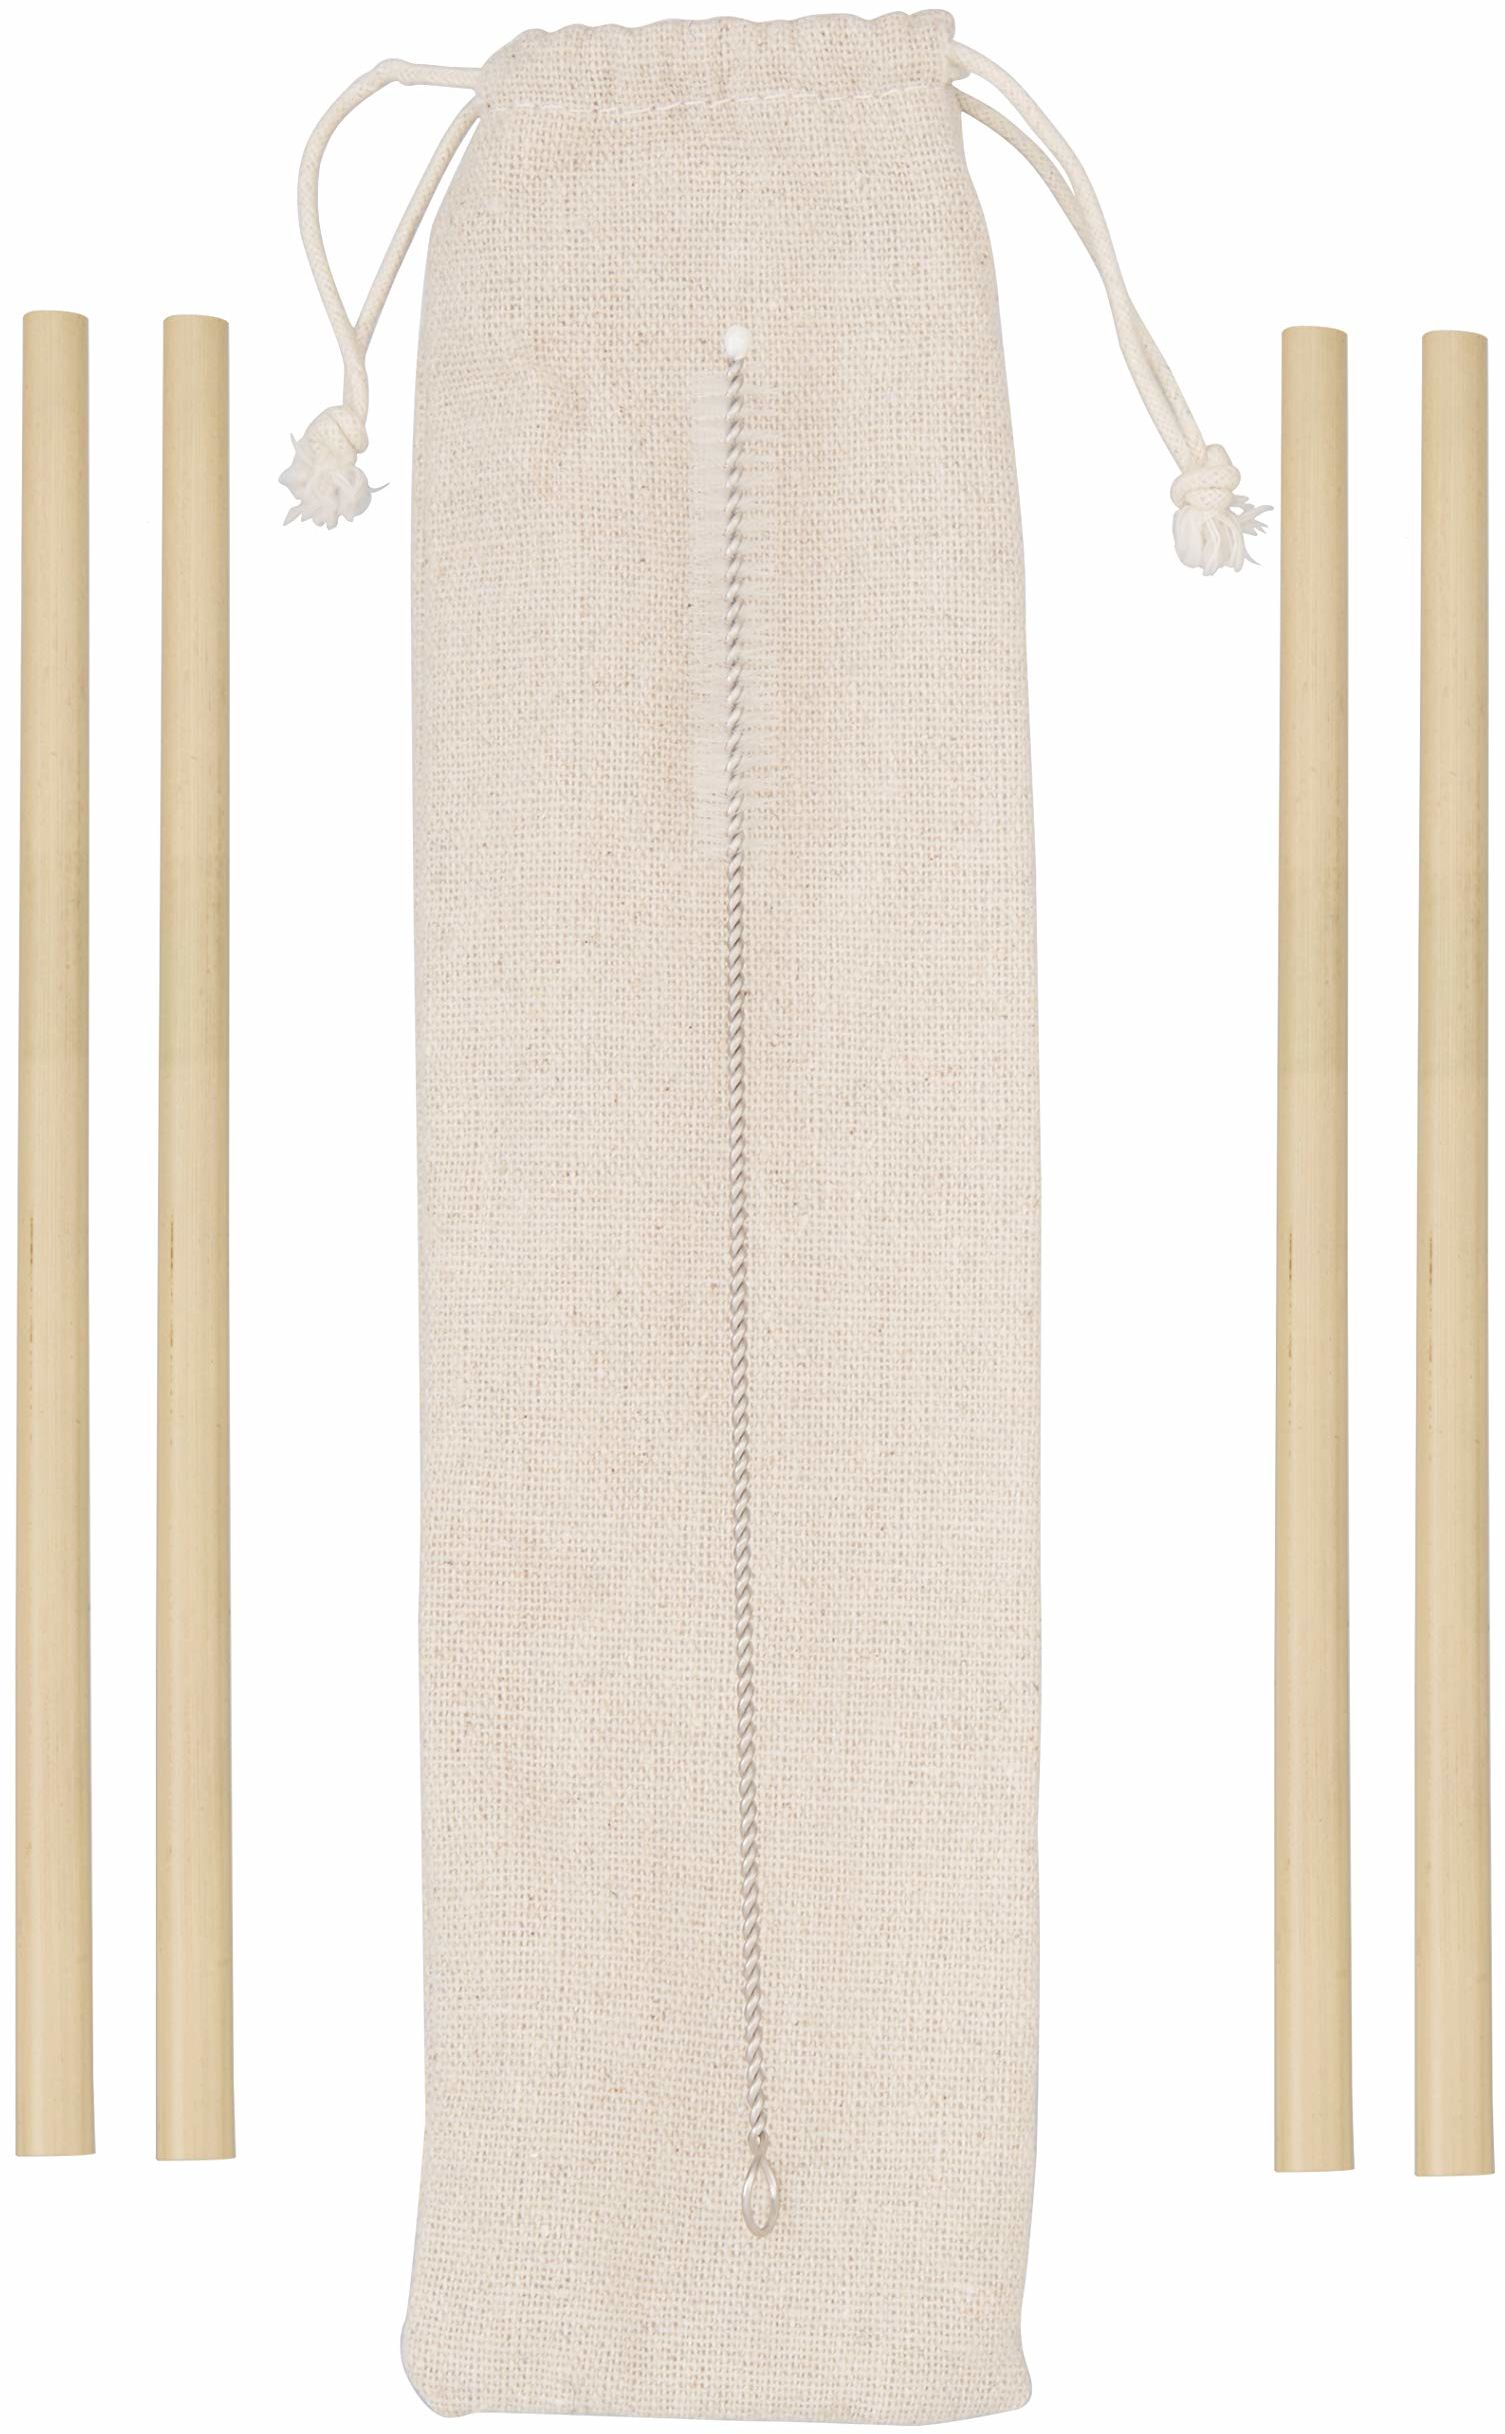 Premier Housewares 1405401 słomki wielokrotnego użytku, bambusowe